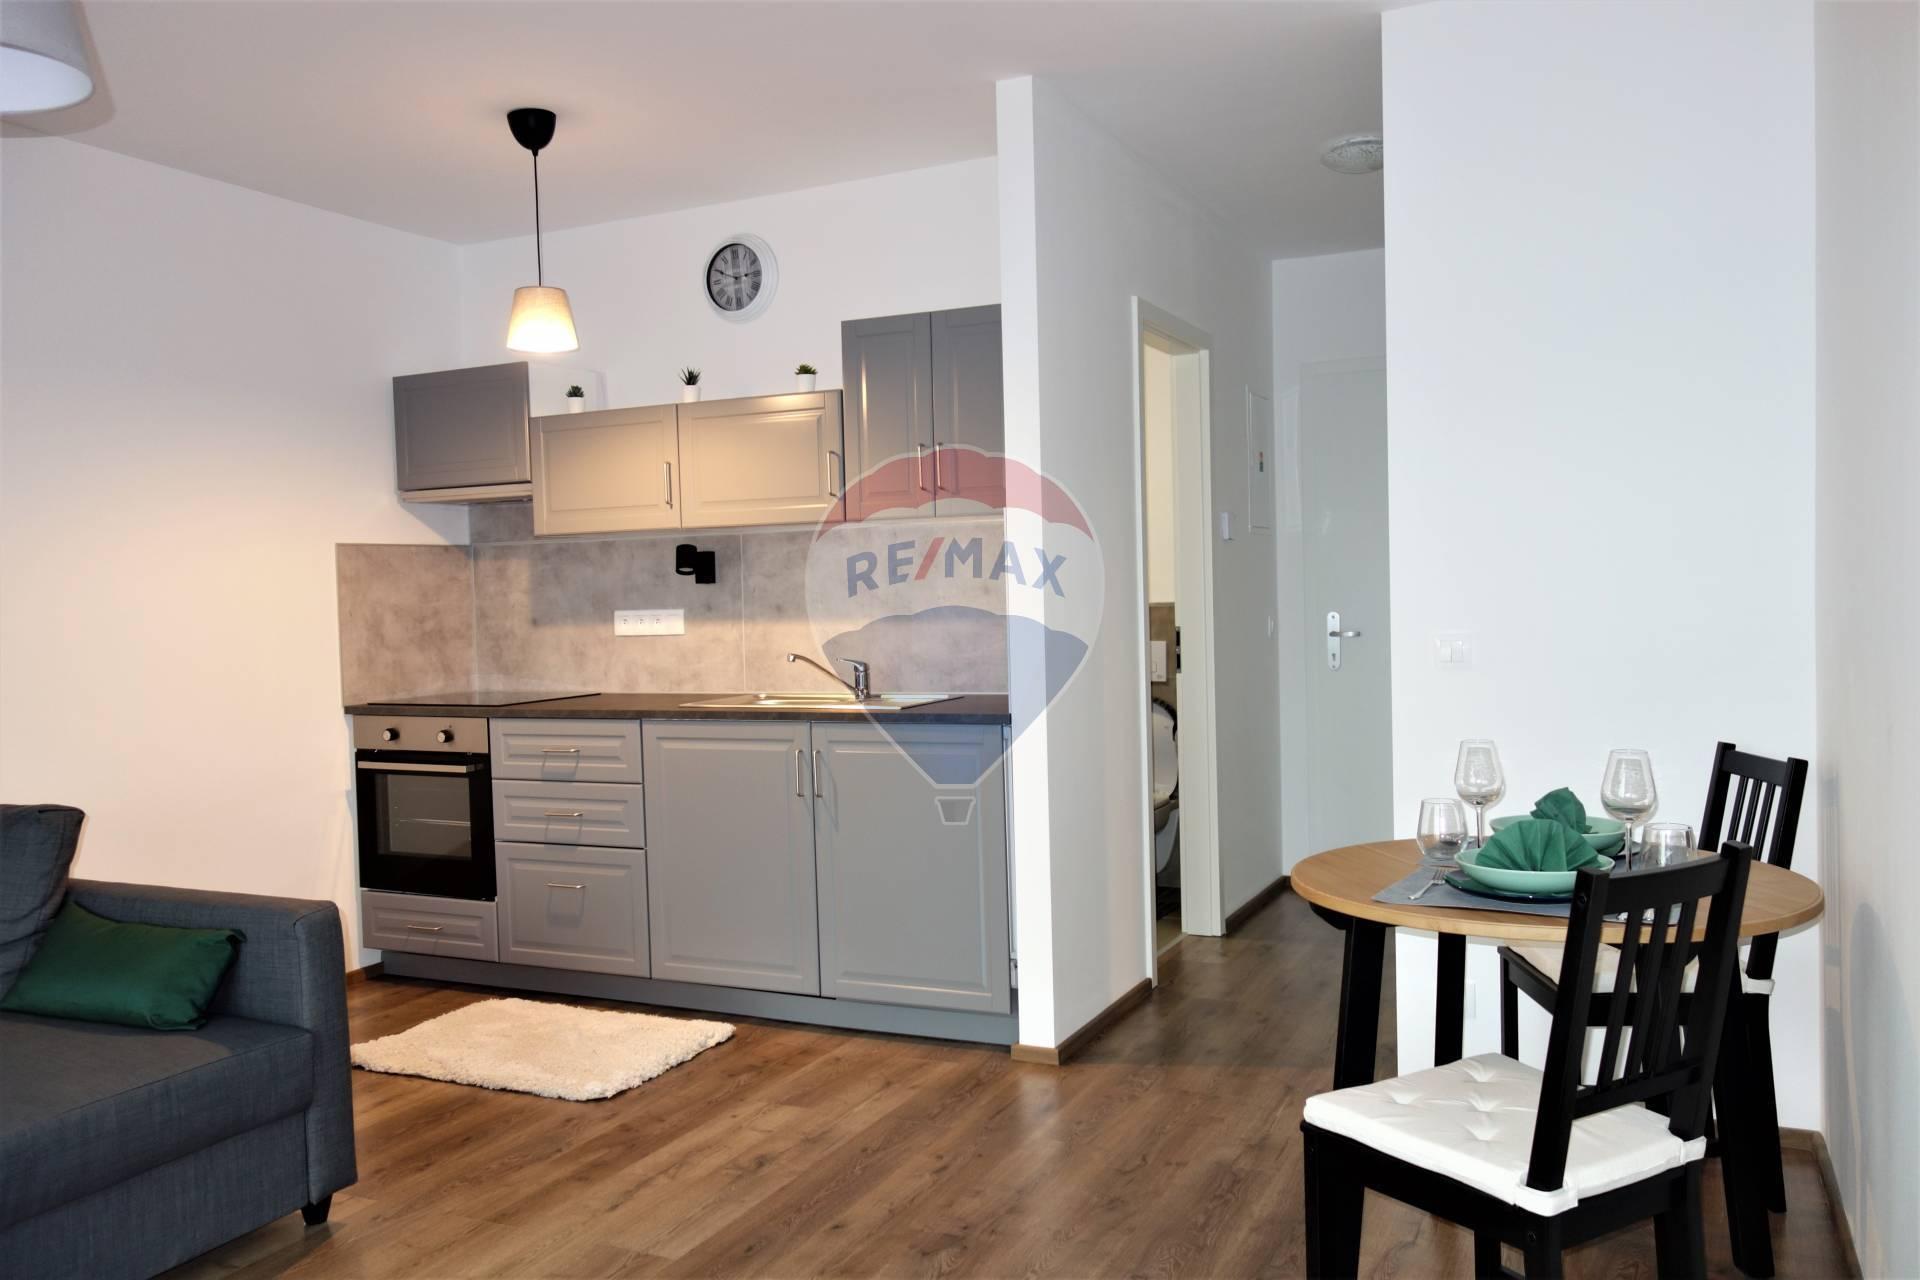 Prenájom 1 izb. bytu, novostavba, balkón, parkovacie státie, Bystrická ul.